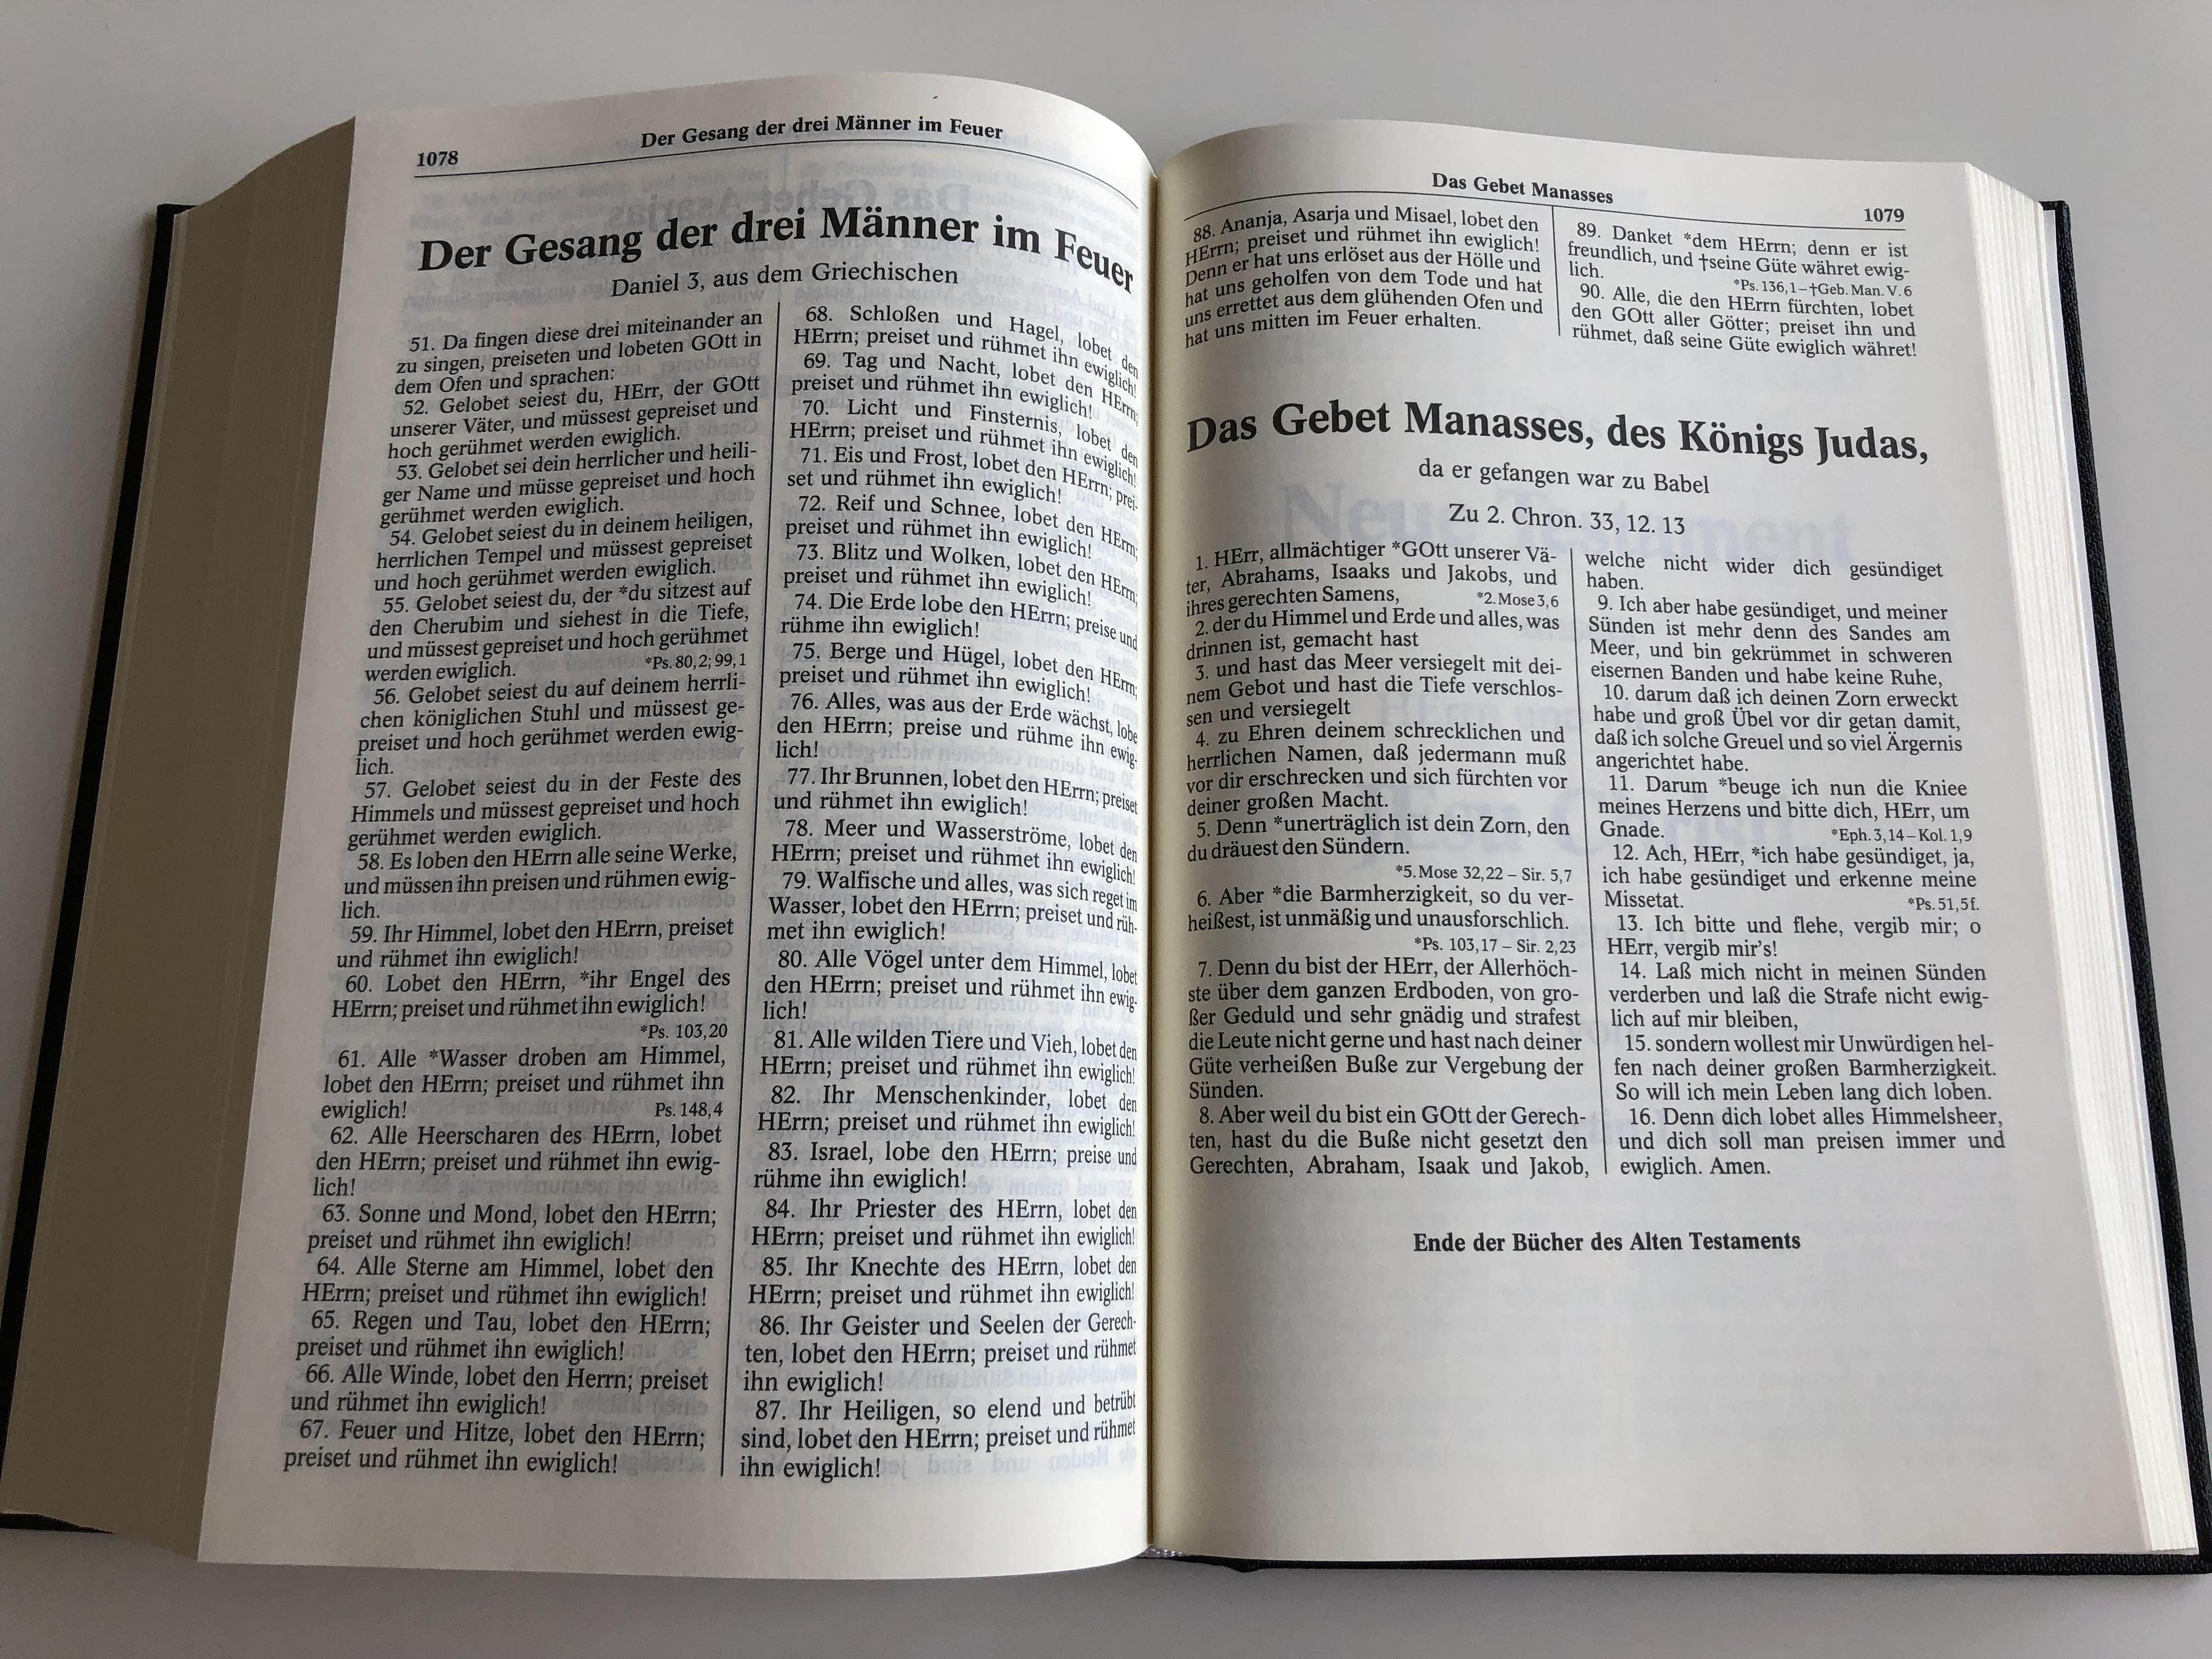 german-bible-die-bibel-die-heilige-schrift-ausgabe-von-1545-15-.jpg